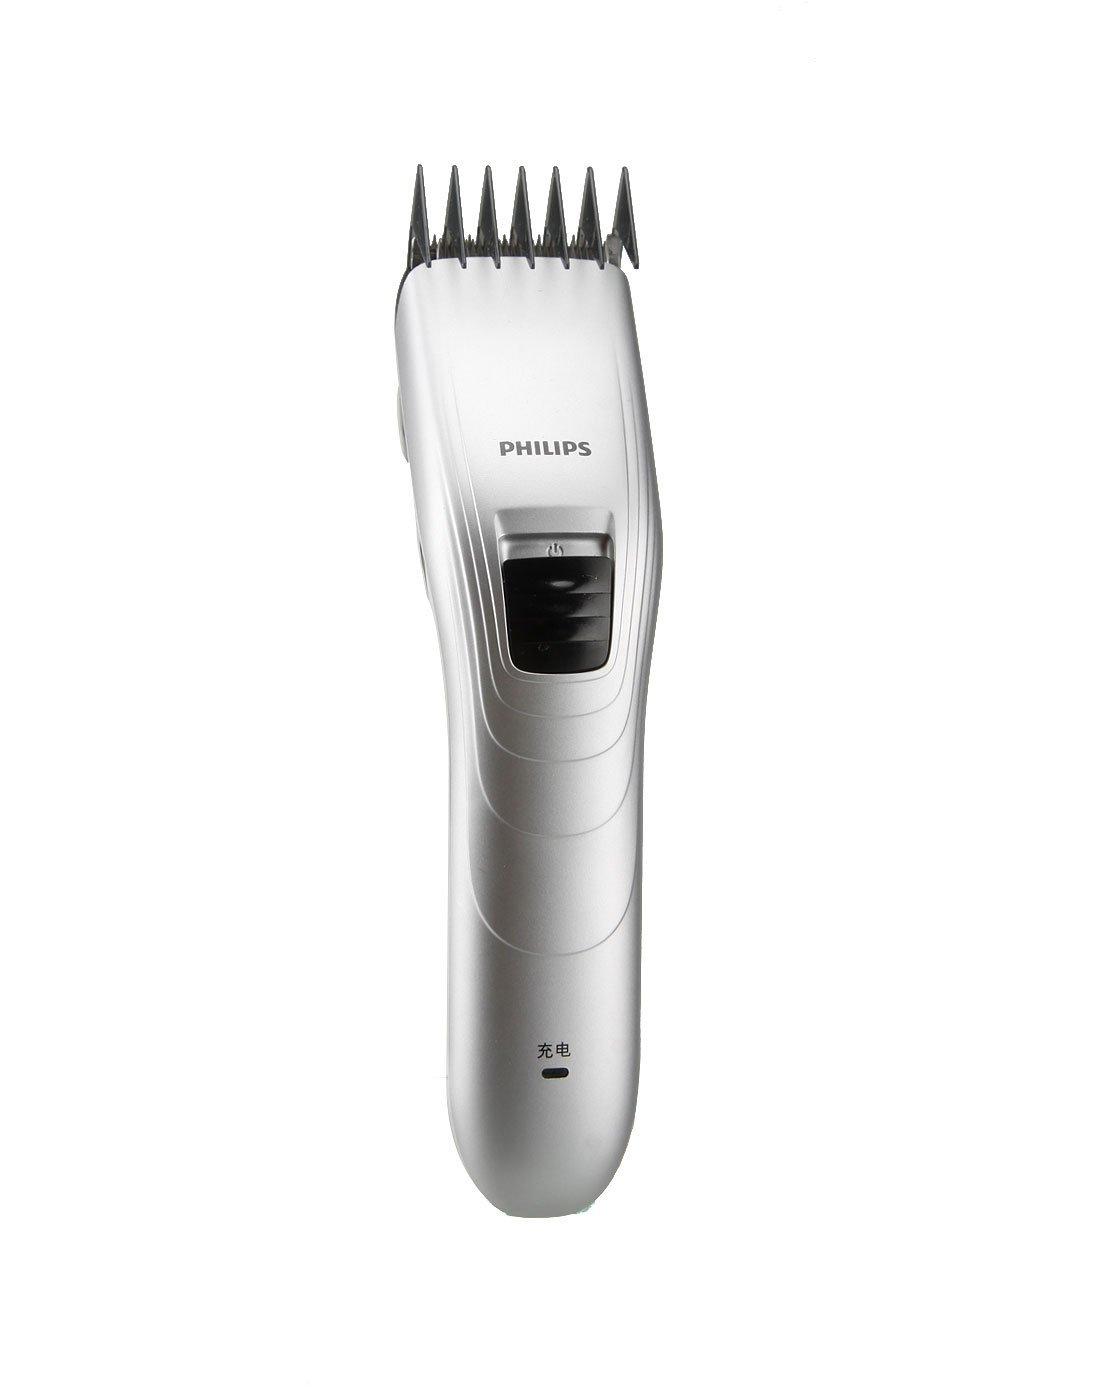 PHILIPS Philips QC5130/15 điện máy hớt tóc.